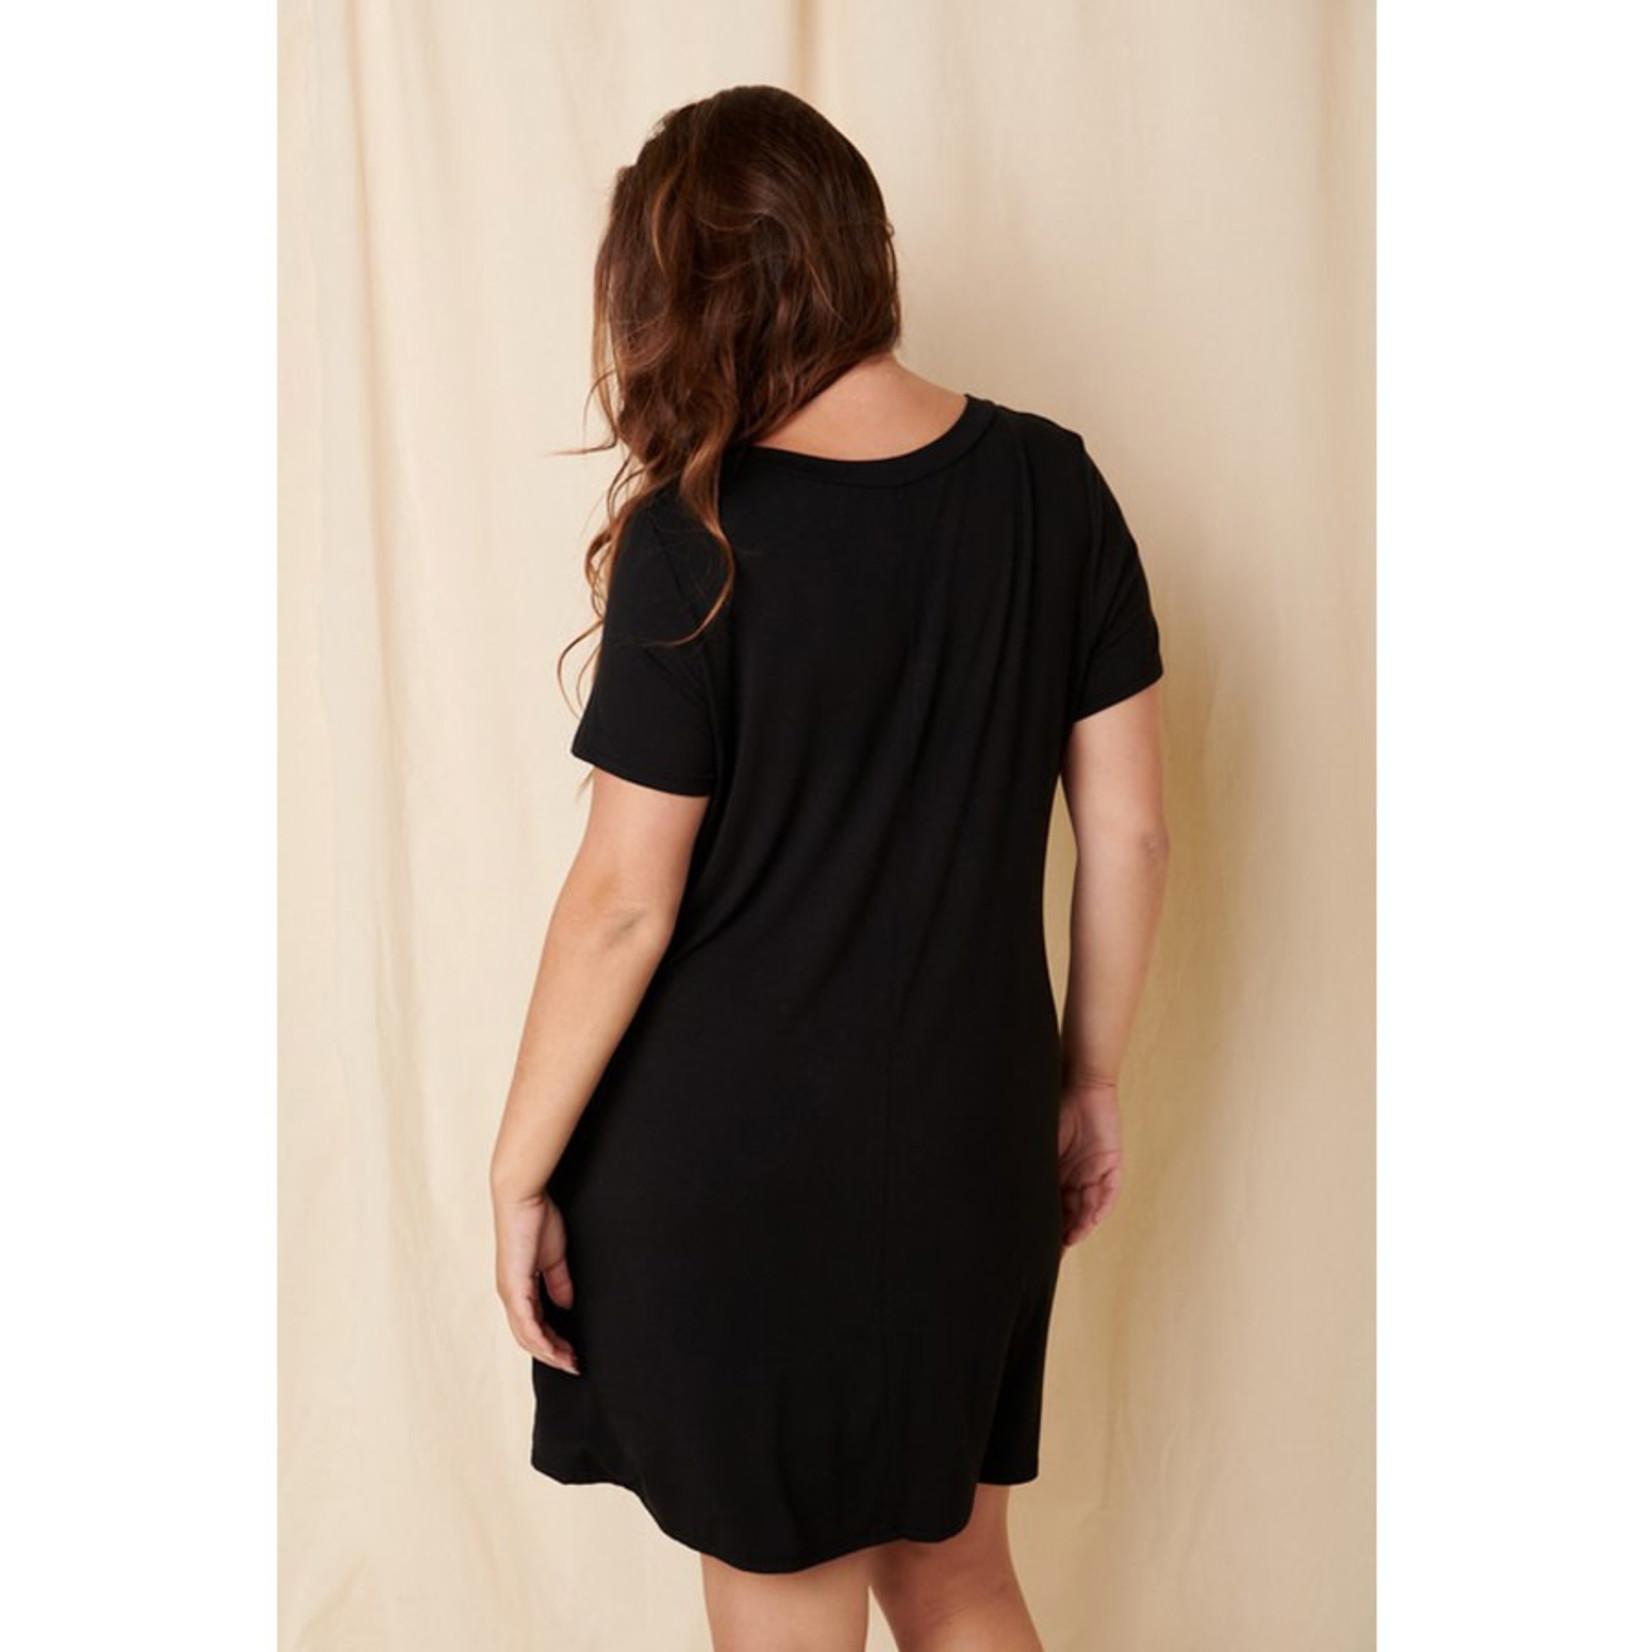 Mittoshop Bamboo V-Neck Dress